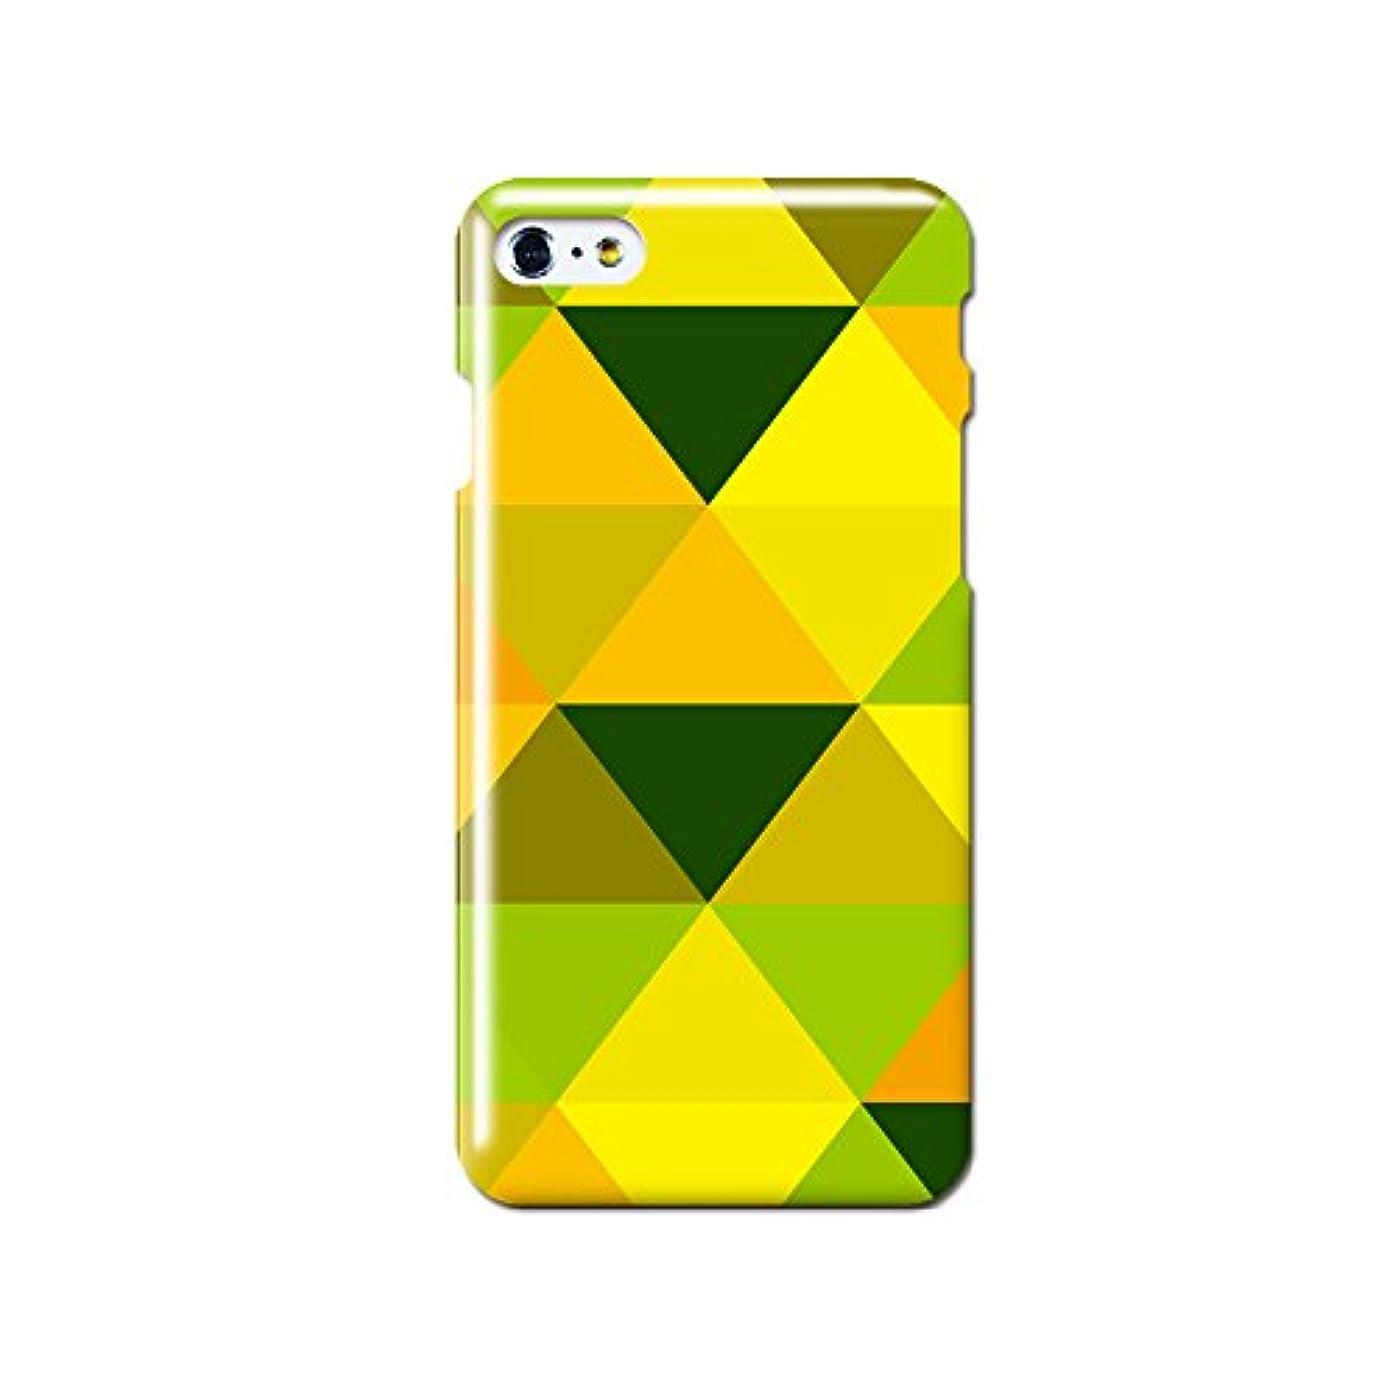 頑固な読者カートiPhone XR 6.1 iPhoneXR カラフル トライアングル 北欧 hd001-00421-02 ハードケース スマホケース カバー ケース